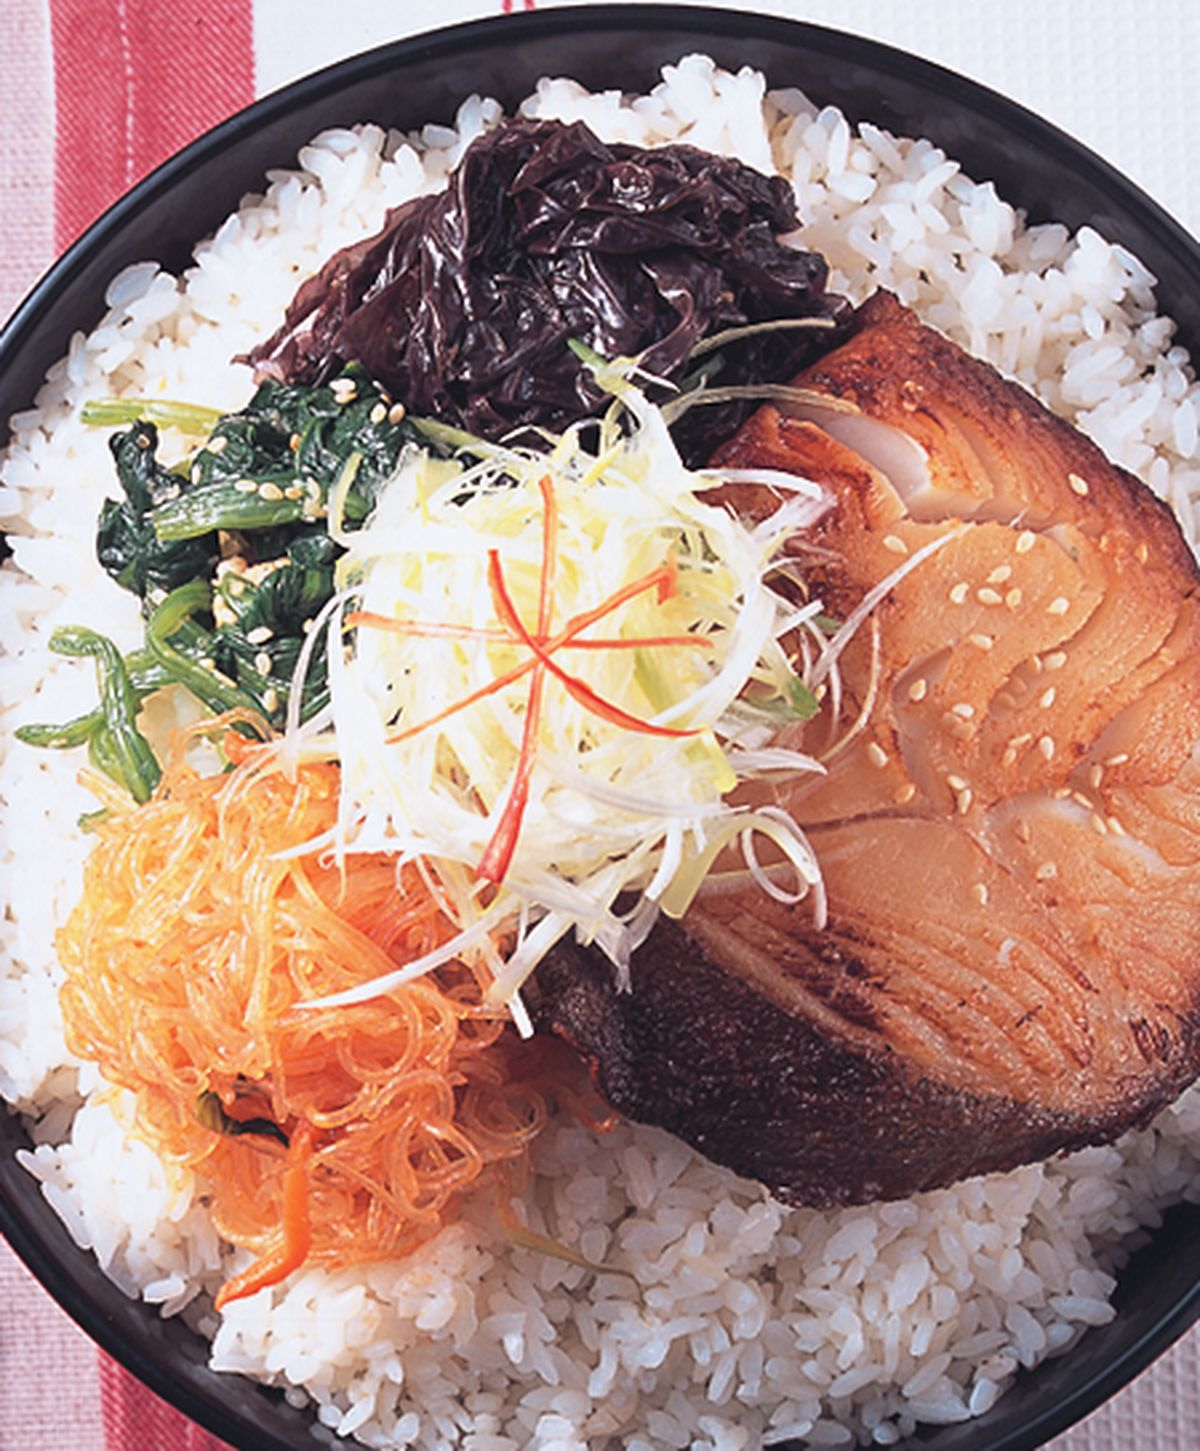 食譜:鱈魚拌飯